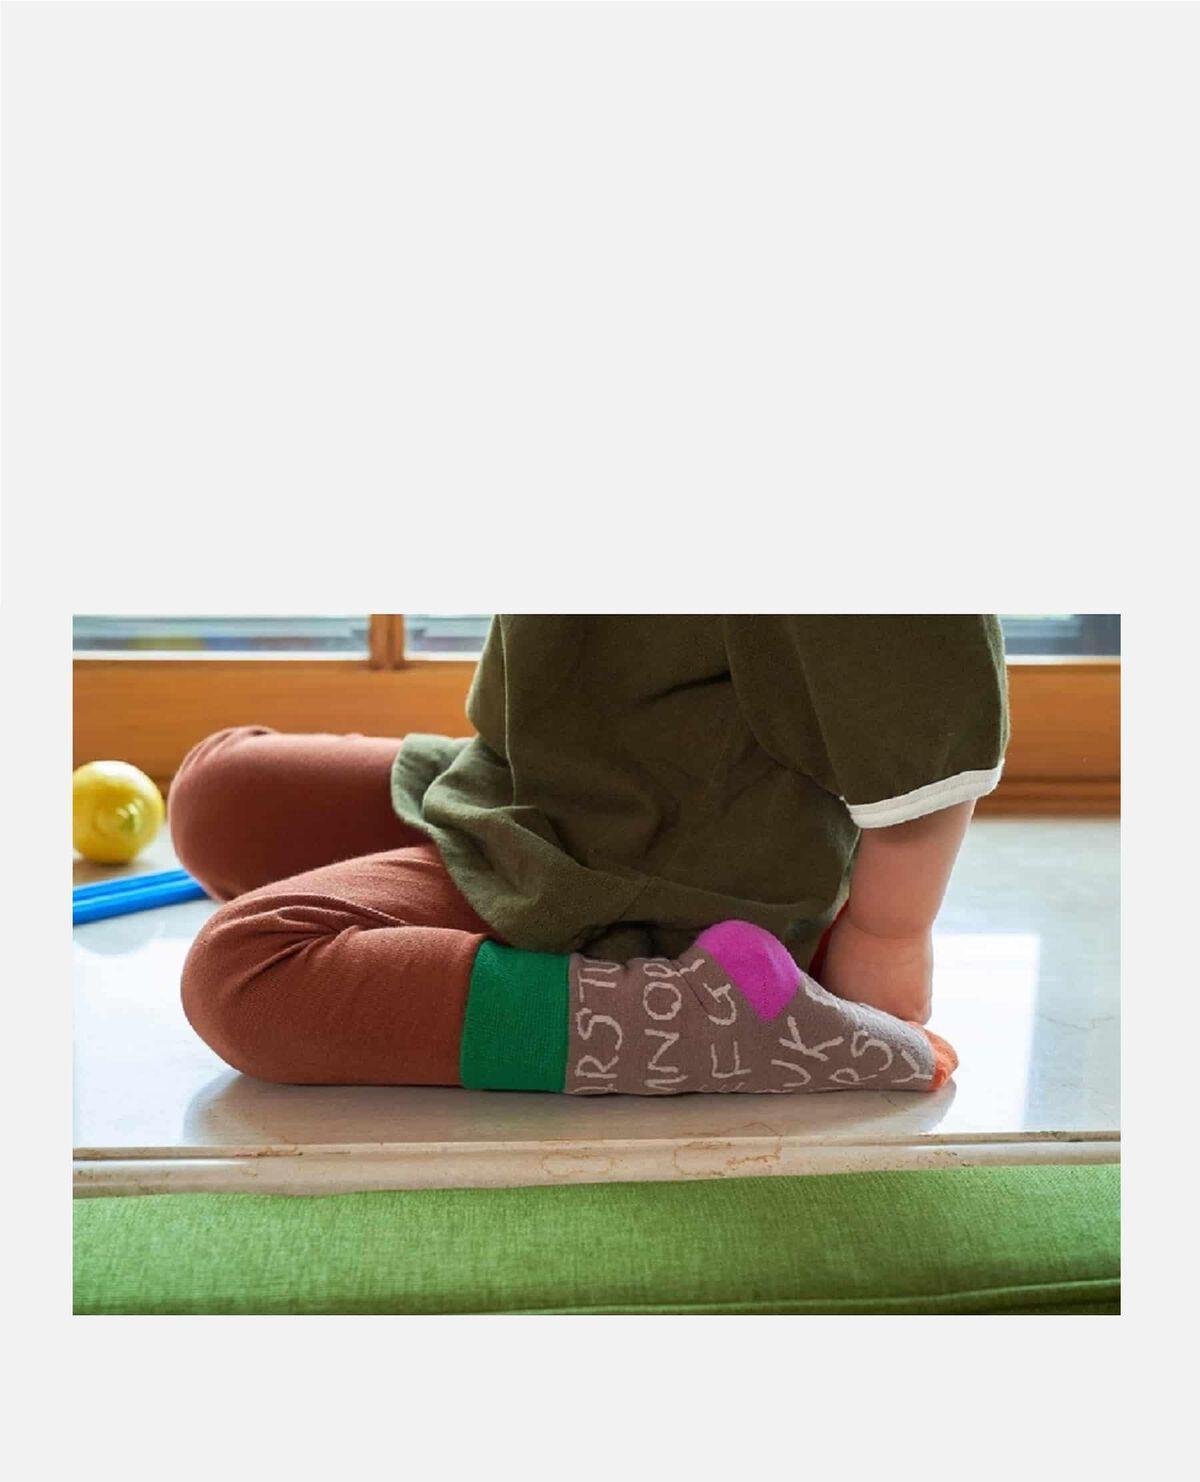 靴下 モグ タカハシ 大人 ユニセックス キッズ靴下セット